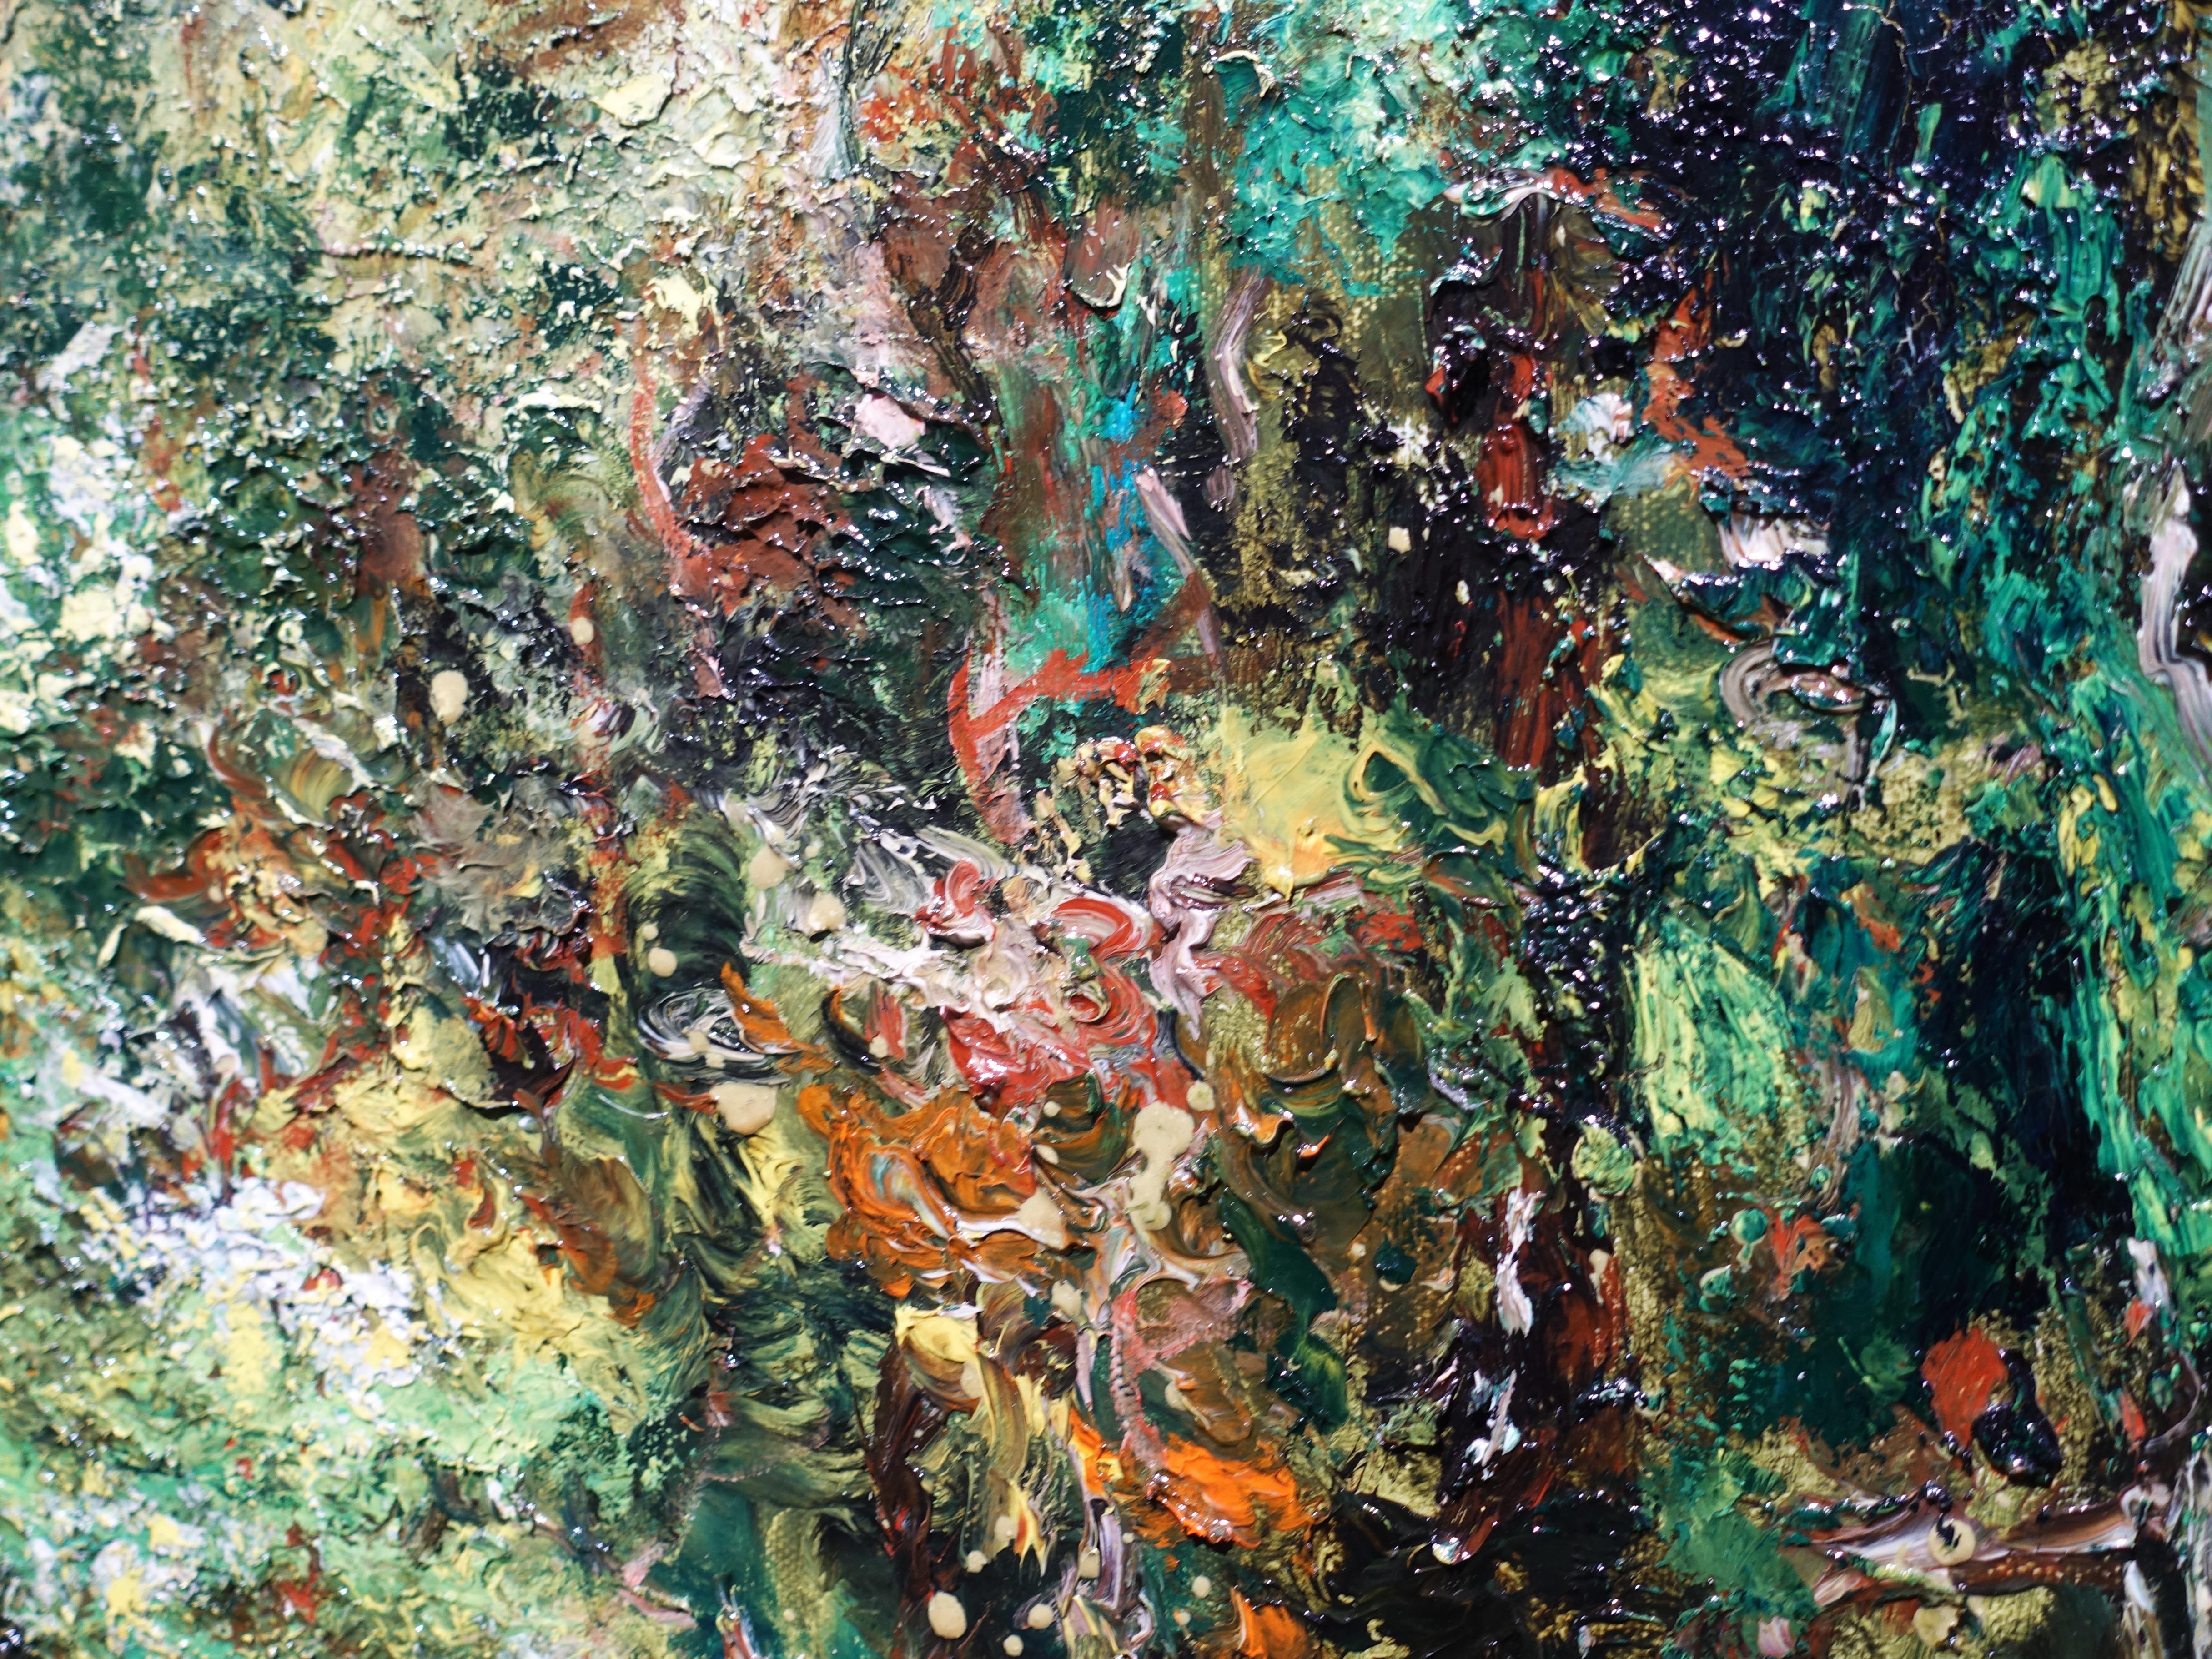 陳玉庭,《熱帶雨林-新加坡植物園》細節,91.5x91.5cm,油畫畫布,2011。